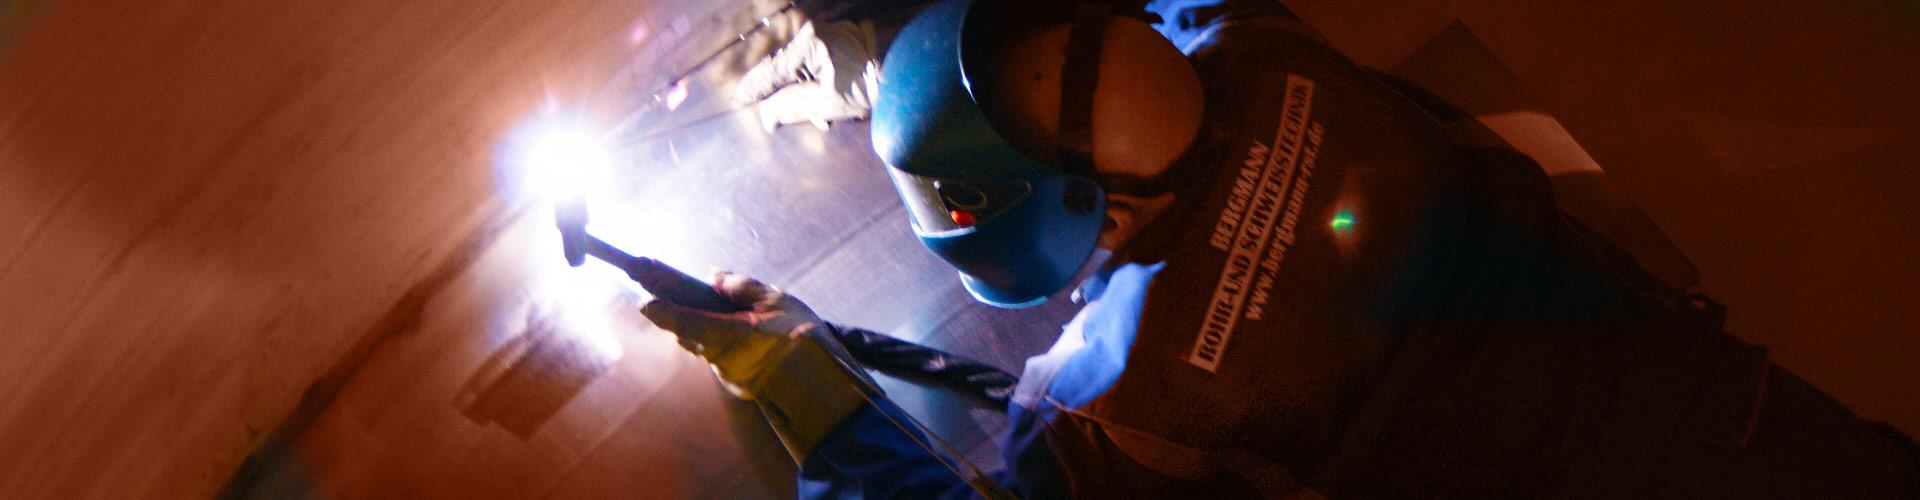 Qualitätsüberwachung beim Edelstahlschweißen, Behälterbau und Rohrleitungssystemen - Bergmann RST Rohr- und Schweisstechnik